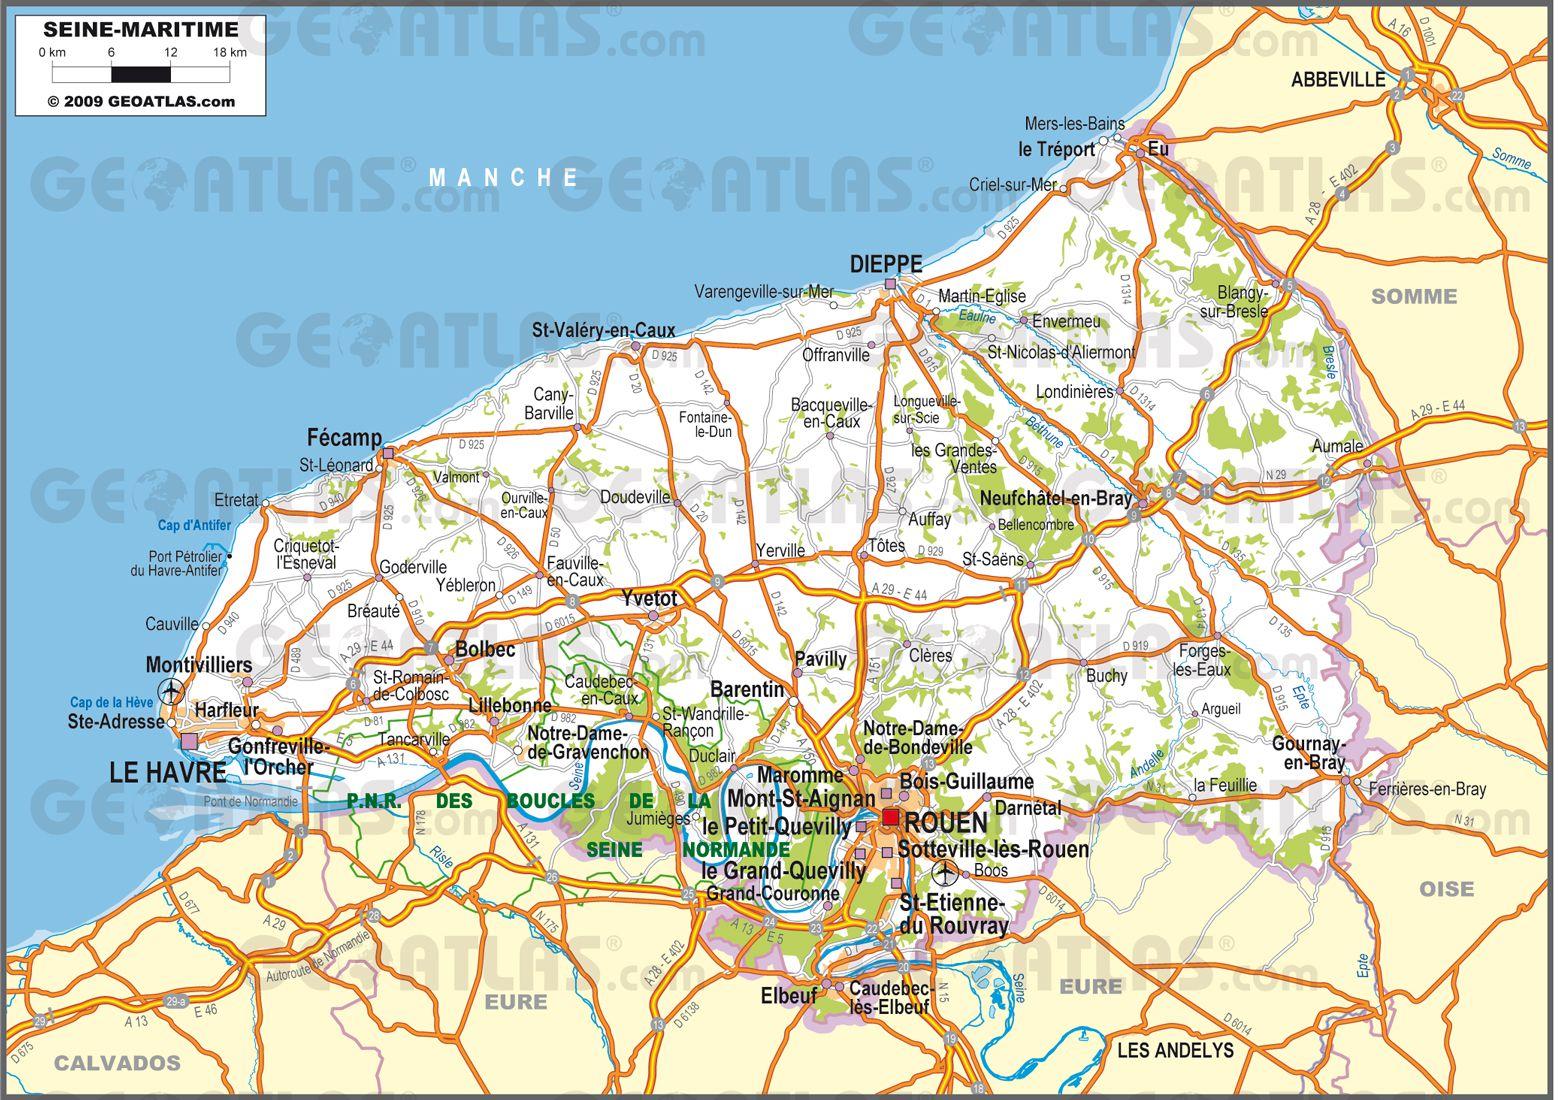 Carte routière de la Seine-Maritime